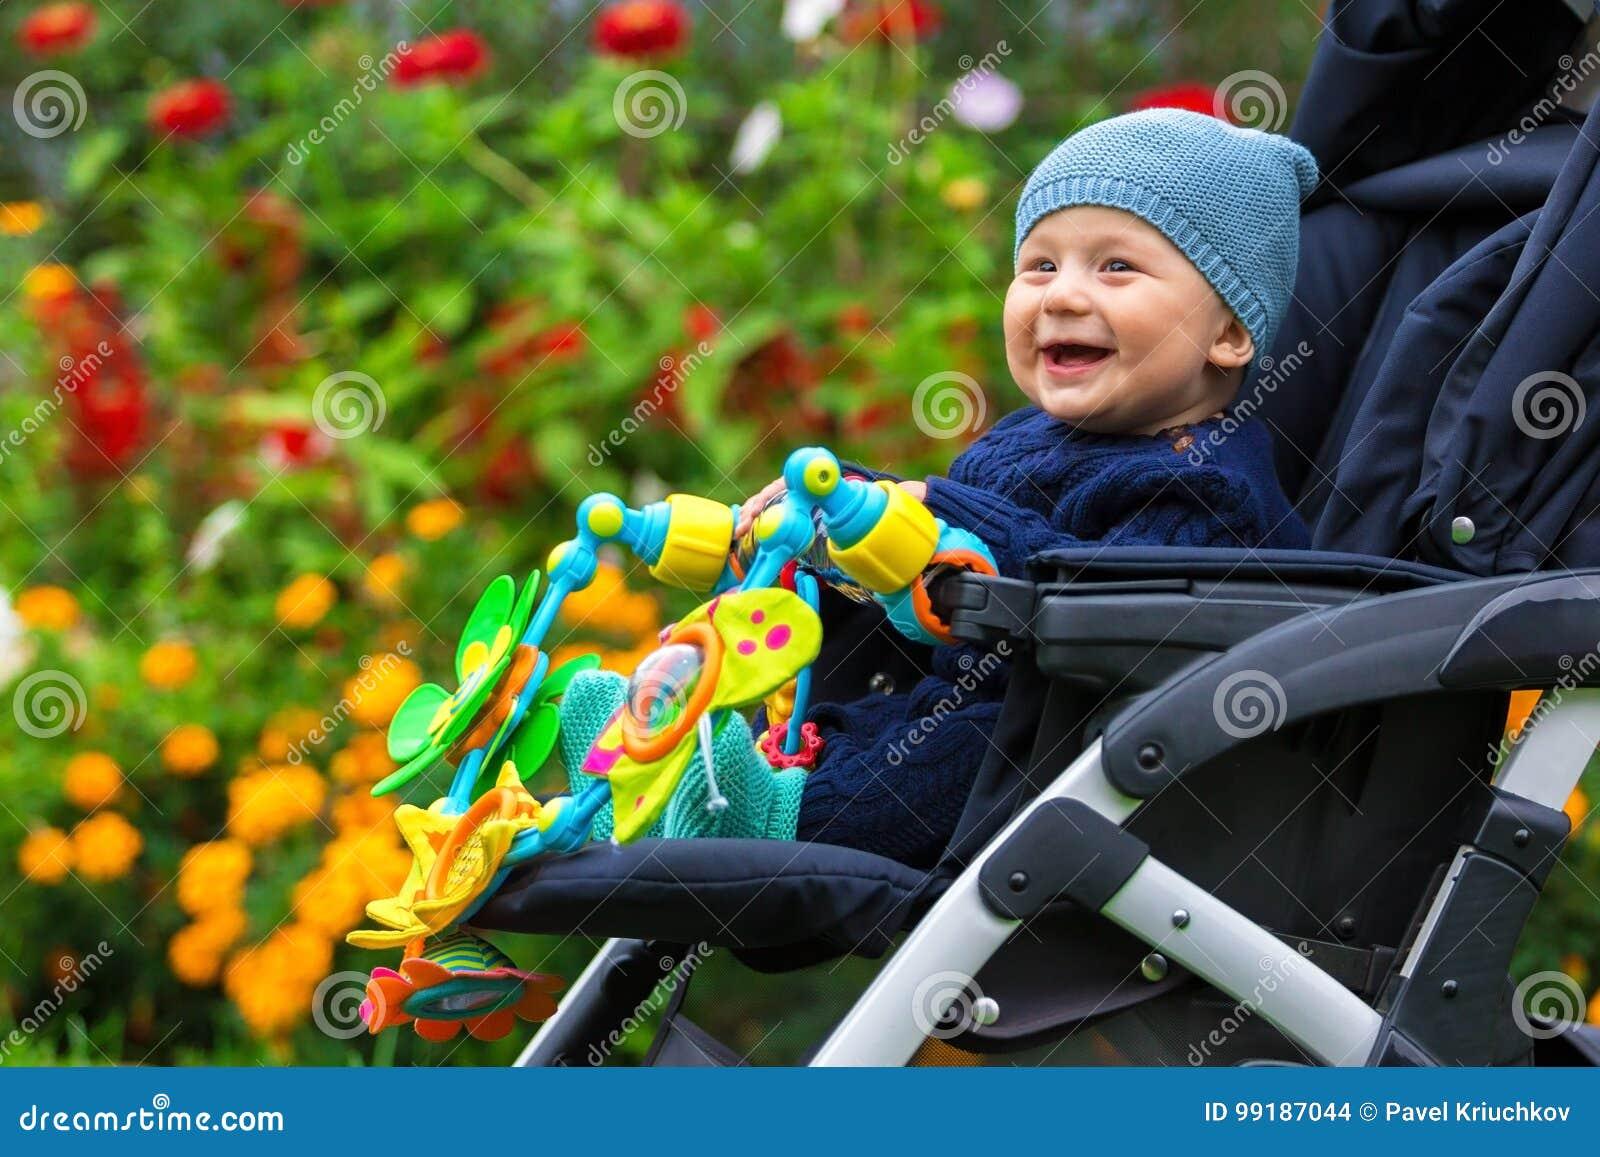 Retrato de un niño feliz en un carro de bebé al aire libre